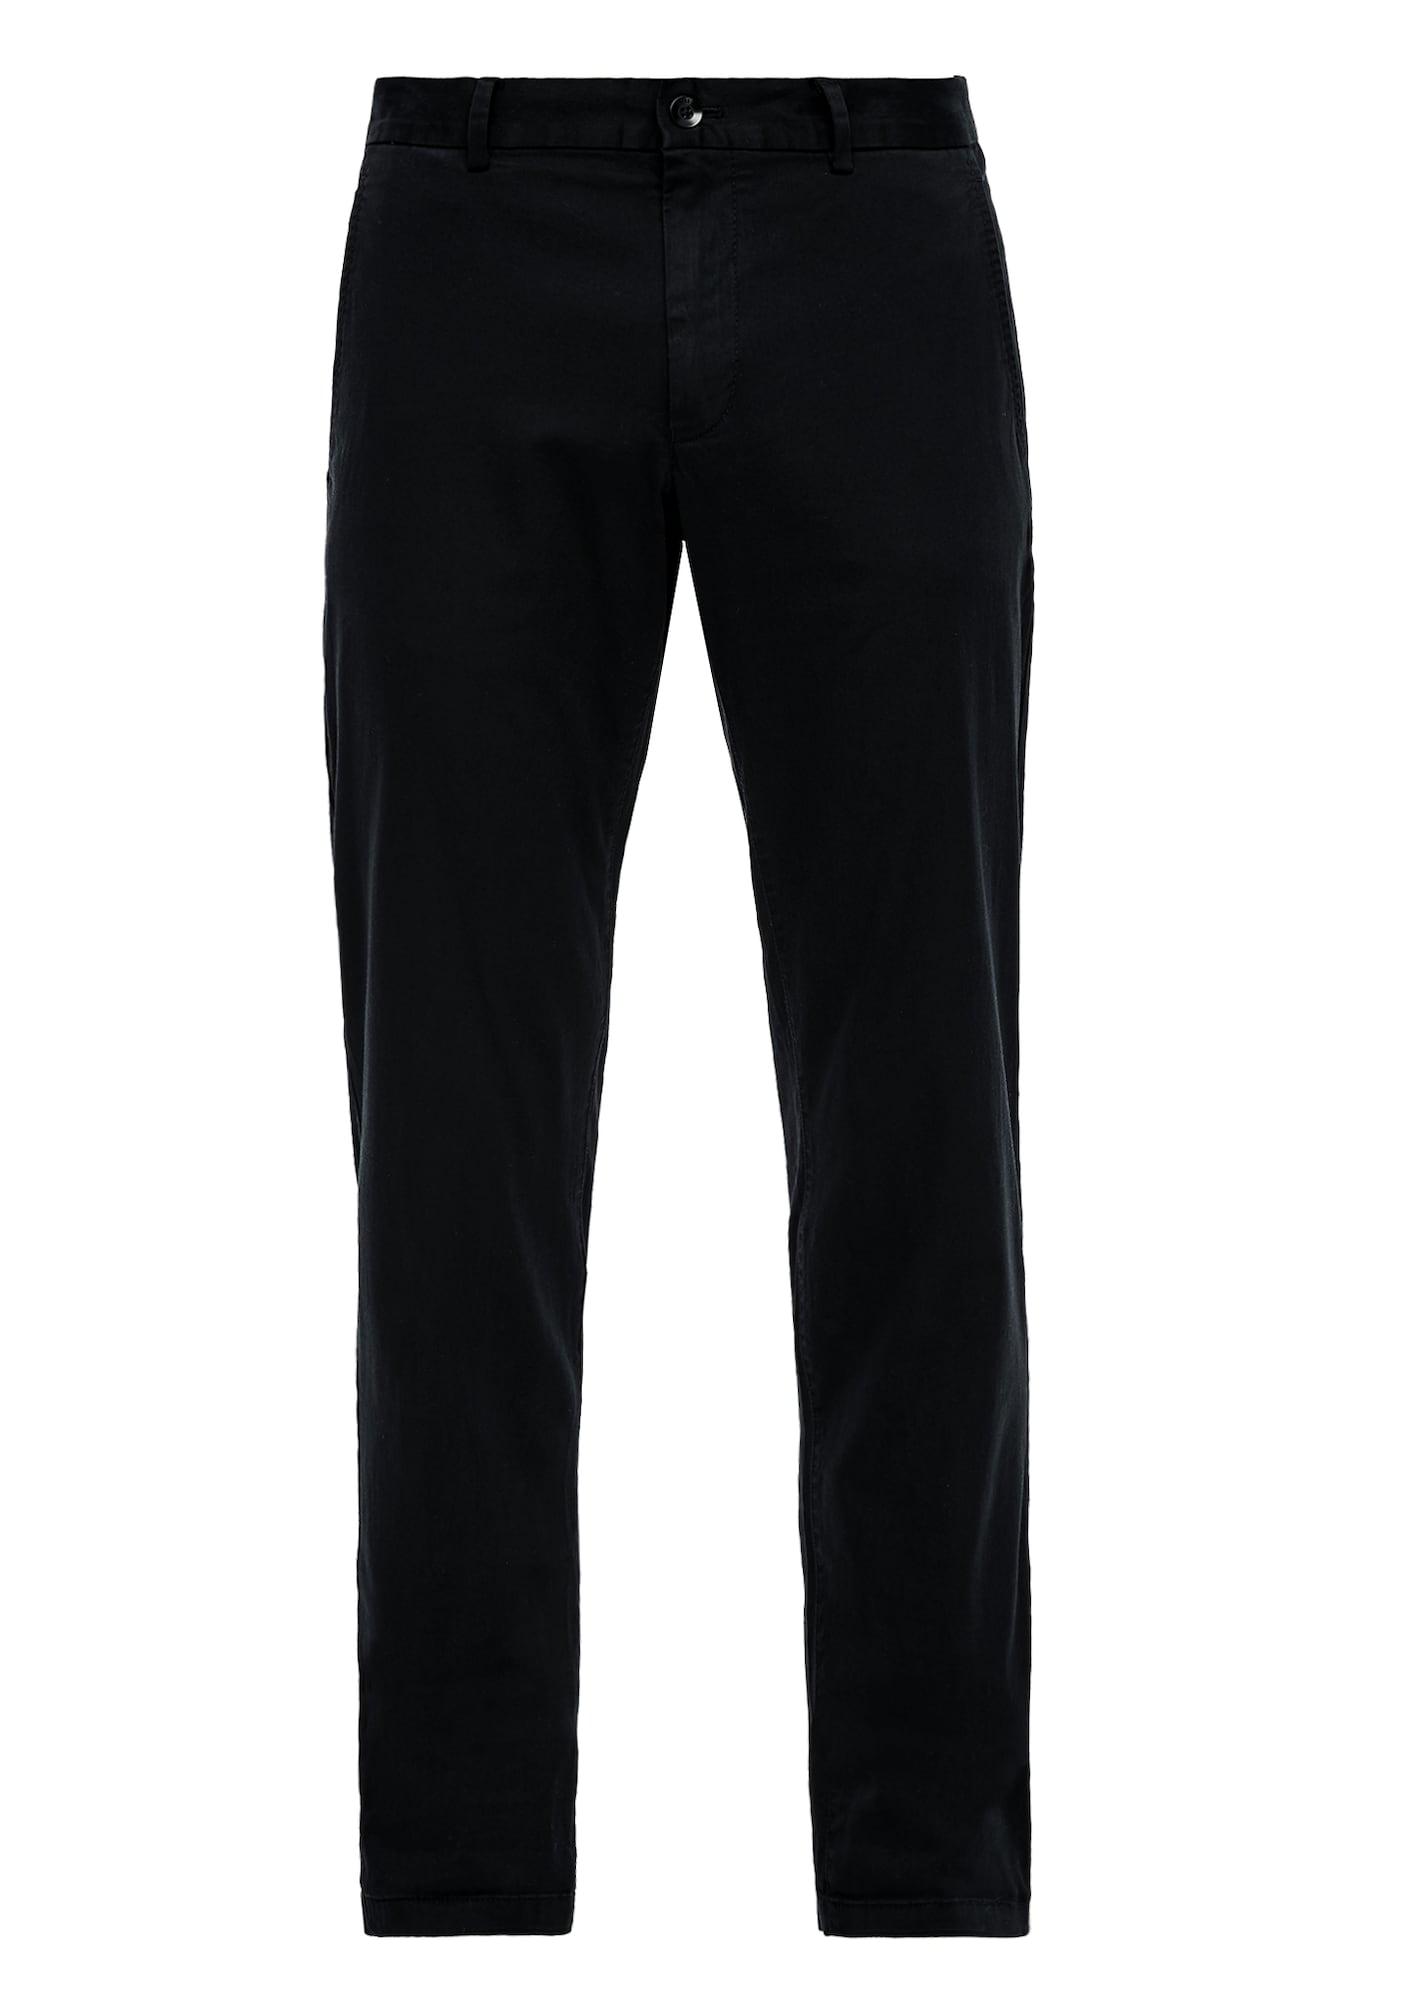 s.Oliver BLACK LABEL Chino nohavice  čierna